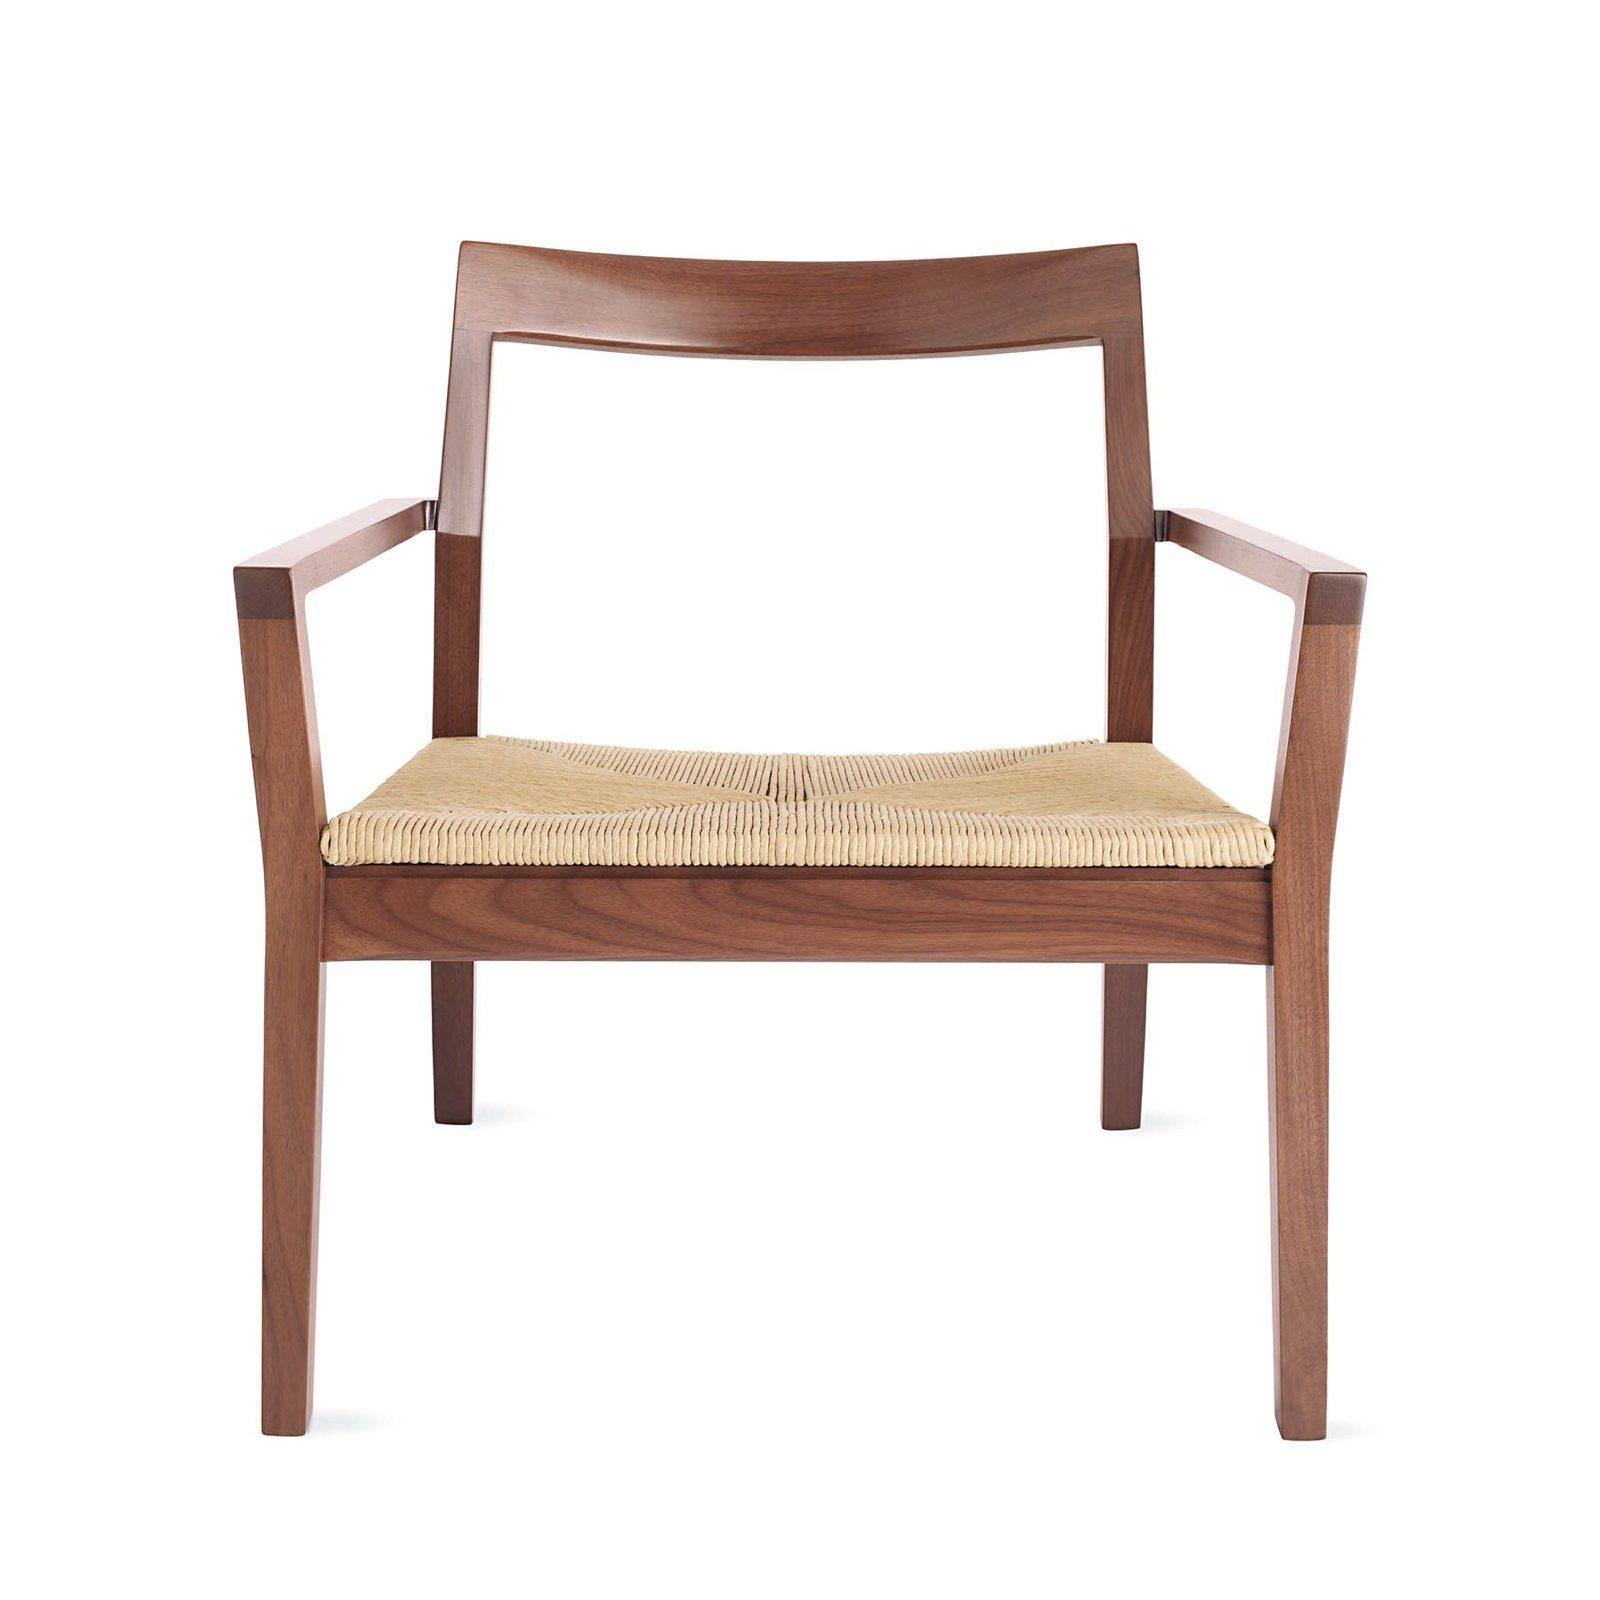 Sensational Knoll Krusin Lounge Arm Chair Creativecarmelina Interior Chair Design Creativecarmelinacom